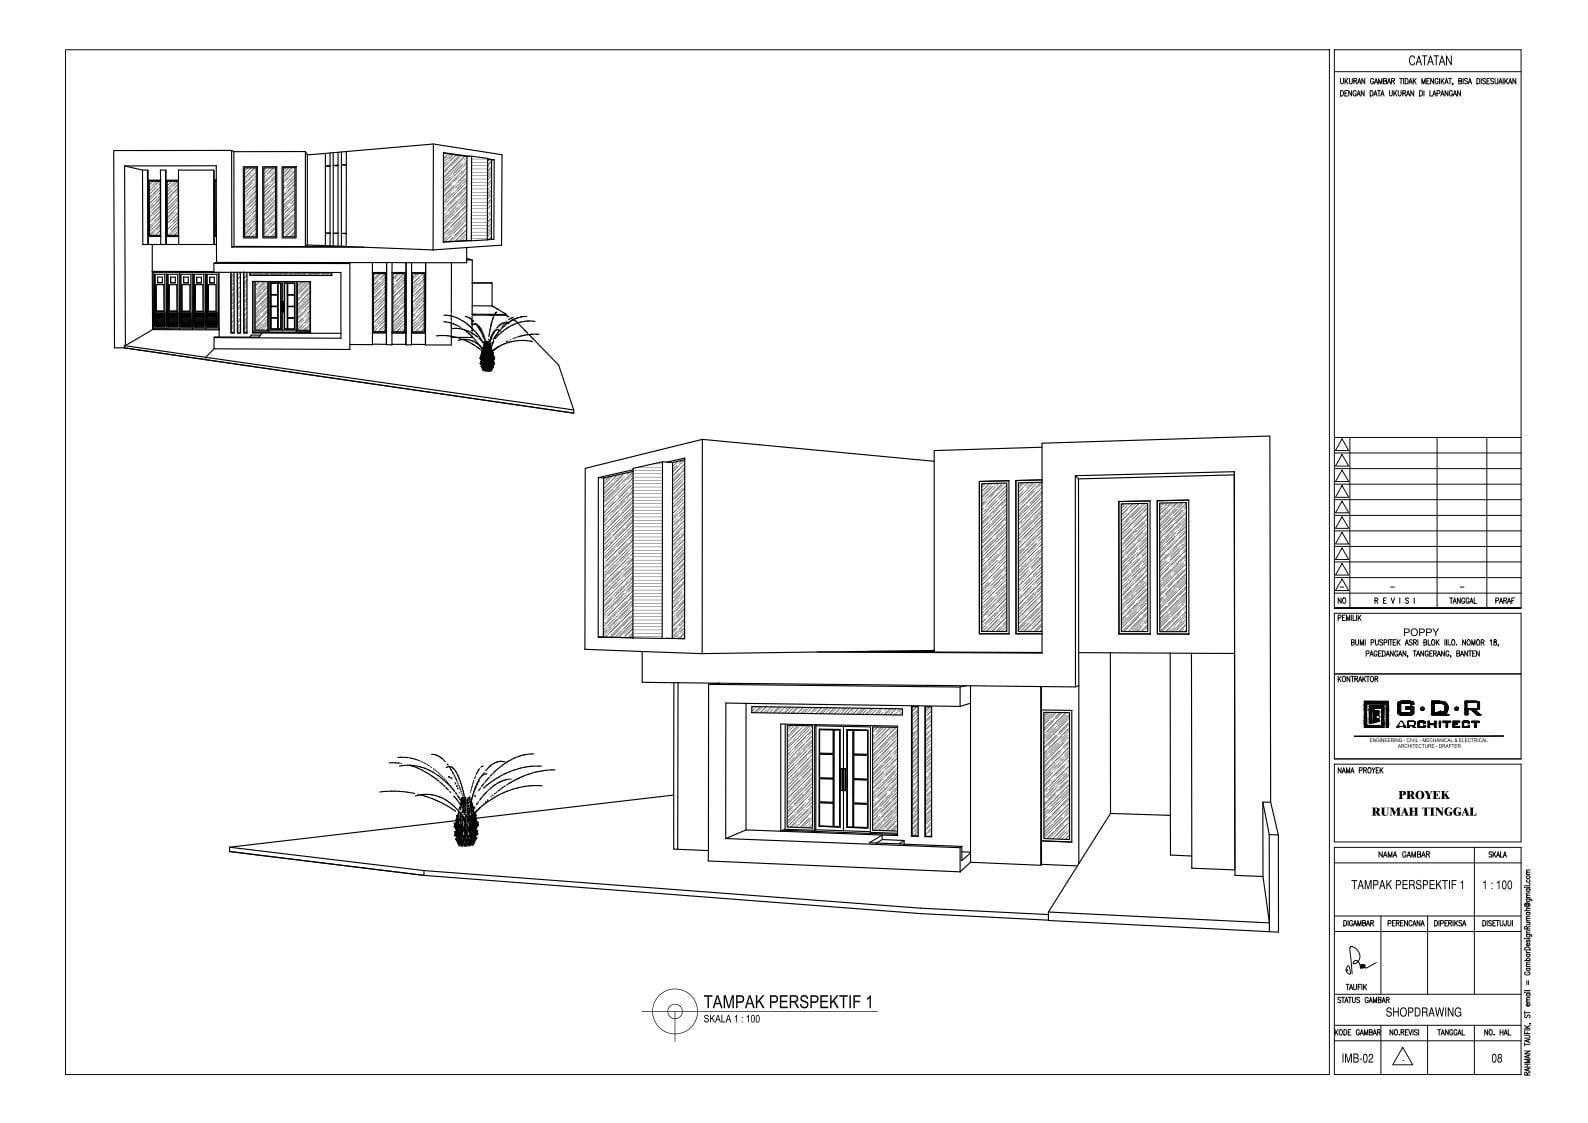 Jasa Desain Rumah Contoh Paket Gambar Kerja 08 TAMPAK PERPEKTIF 1